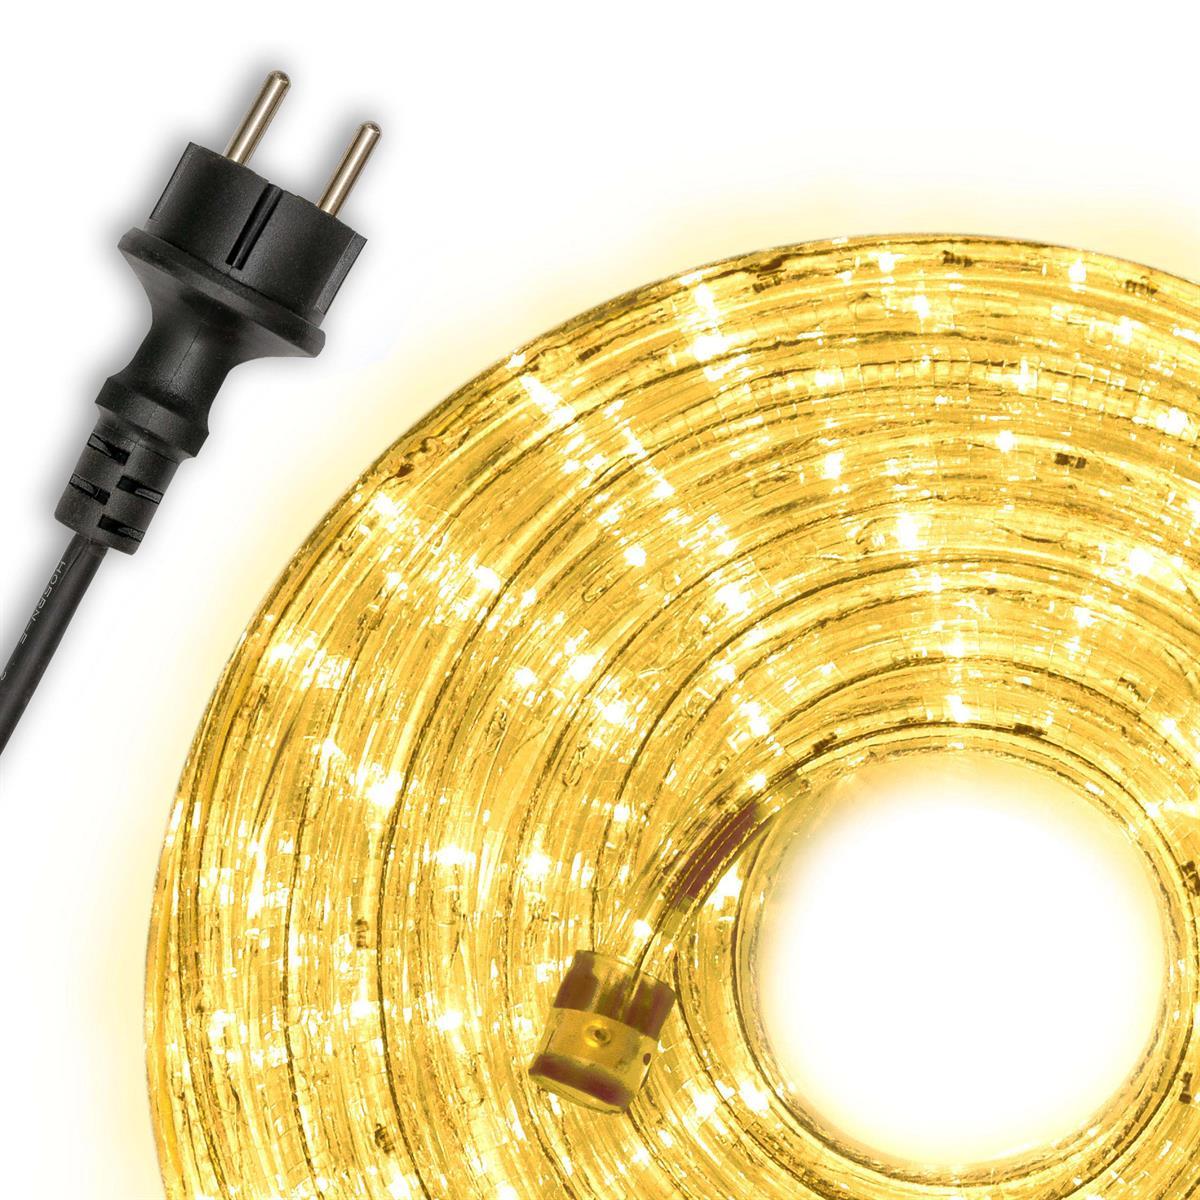 10m LED Lichtschlauch Lichterschlauch gelb Innen Außen Weihnachten